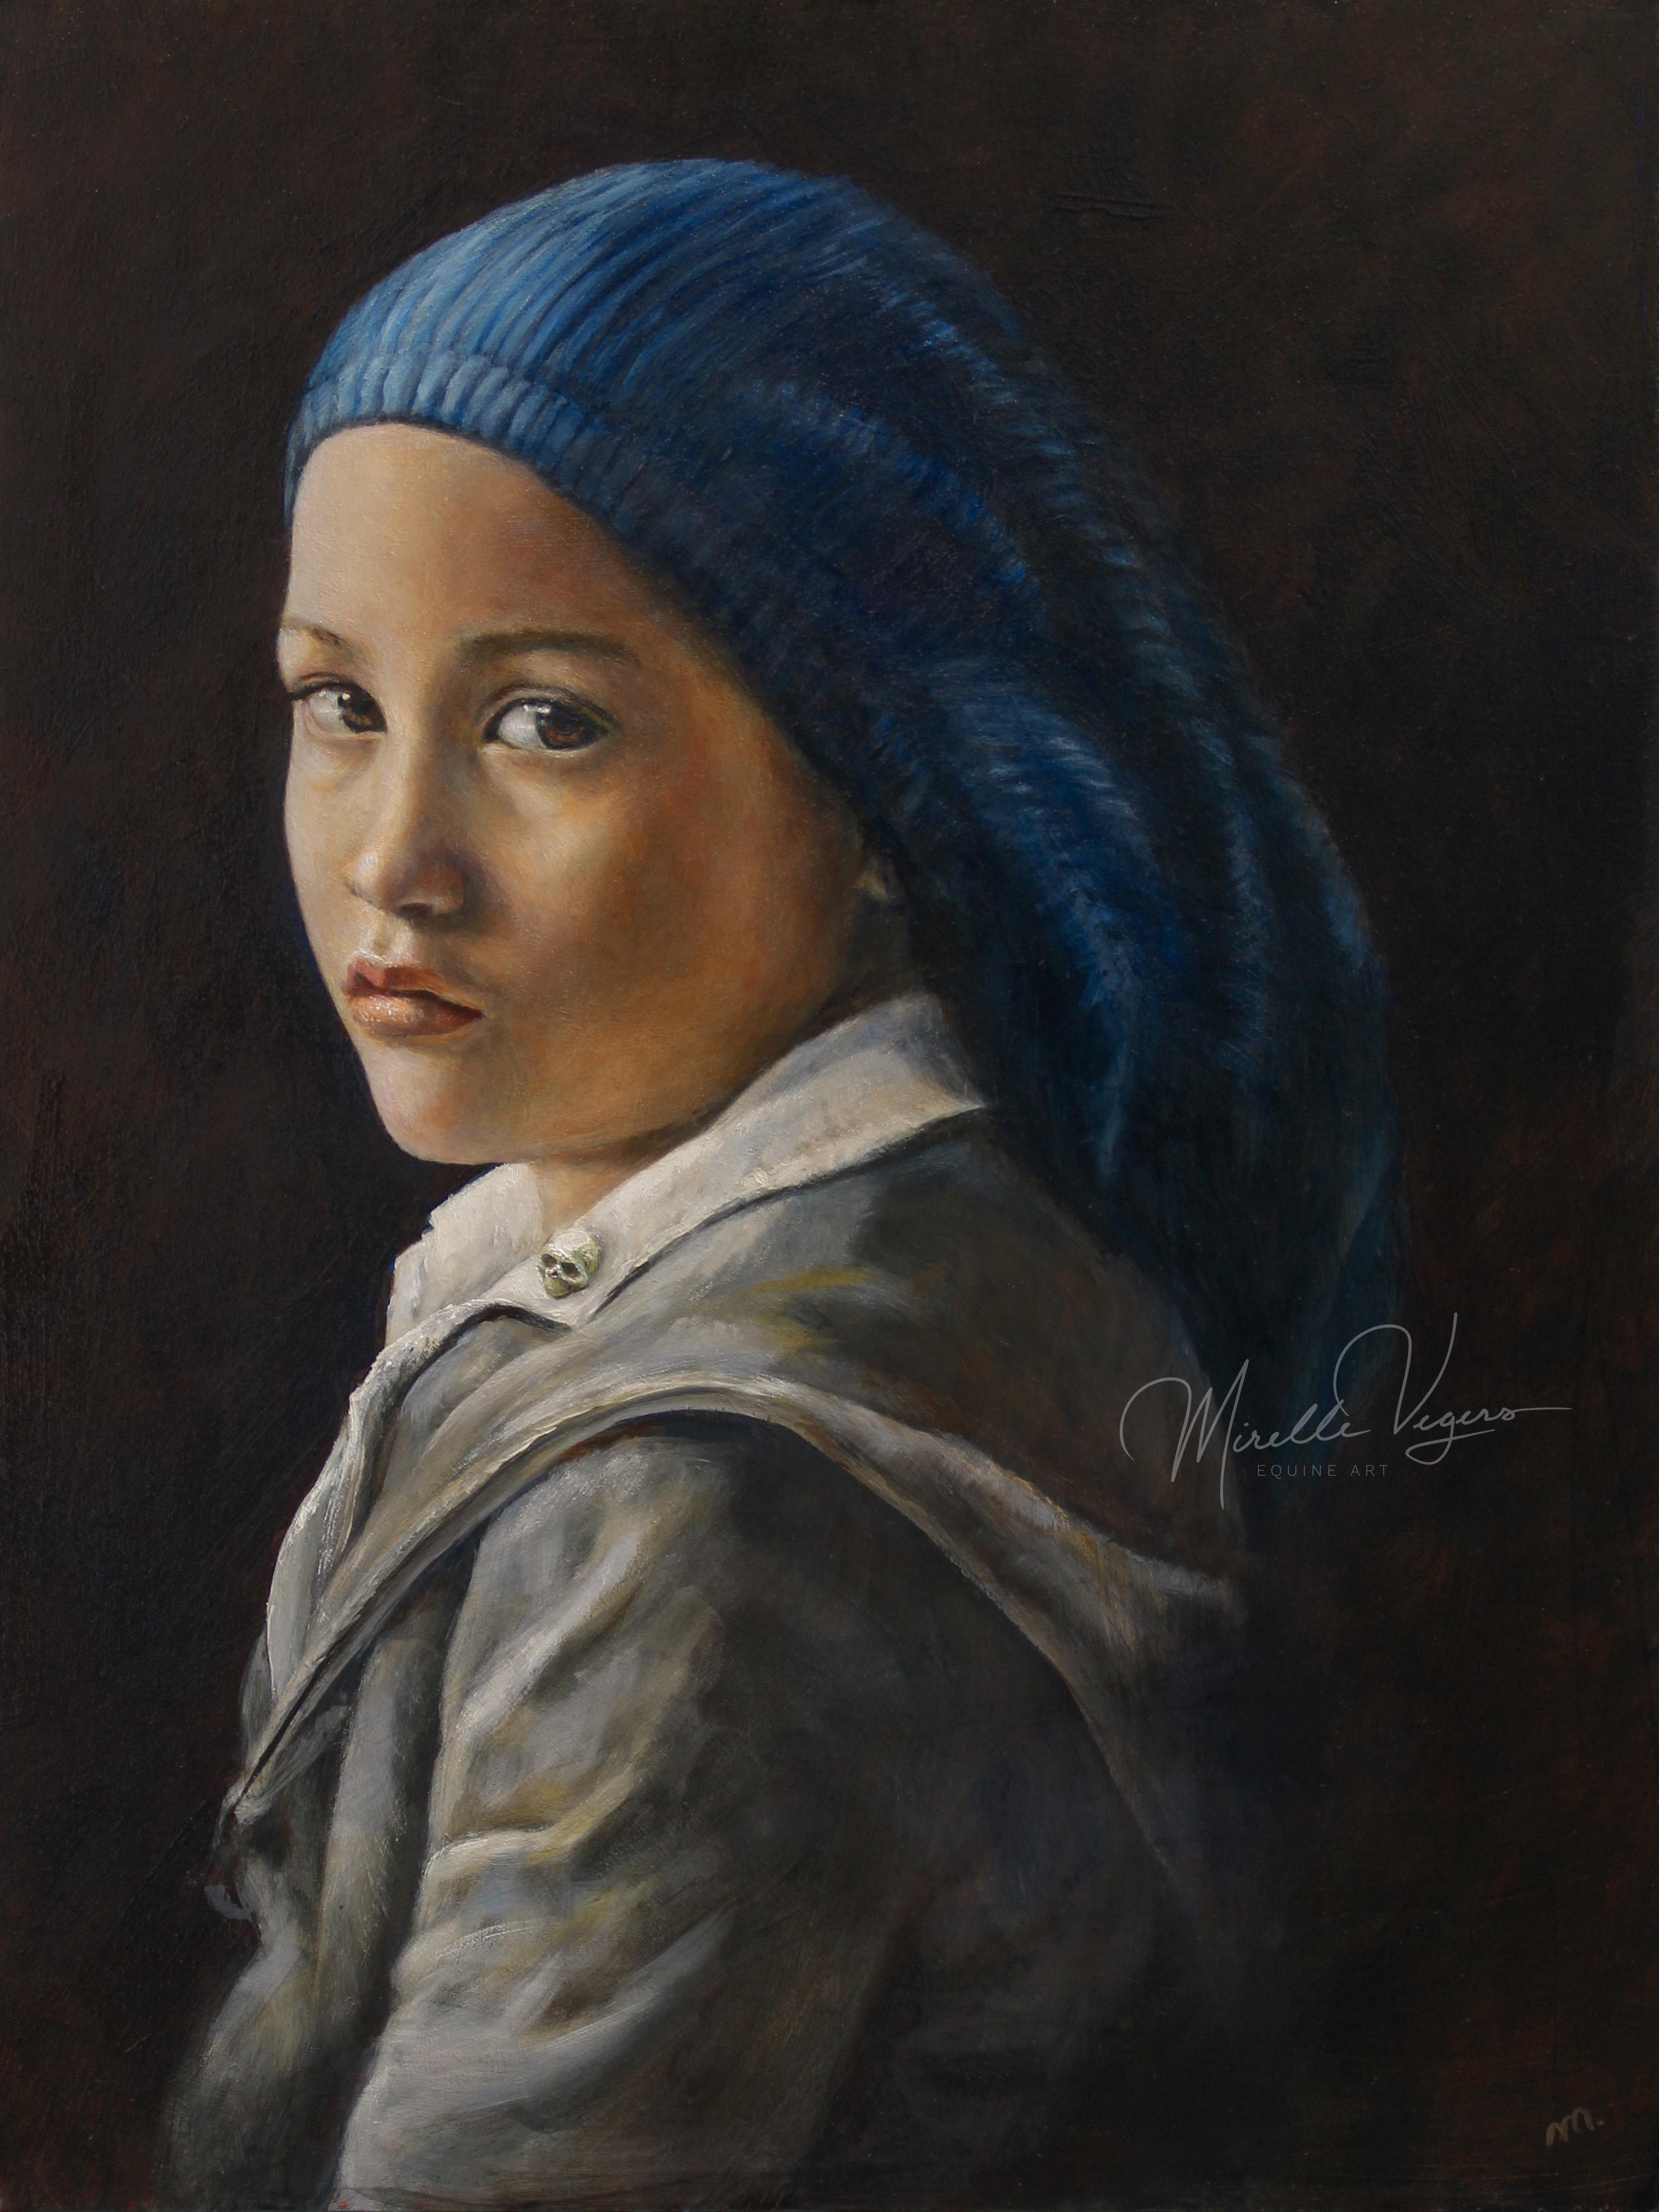 Portret van een jongen door Mirelle Vegers in olieverf